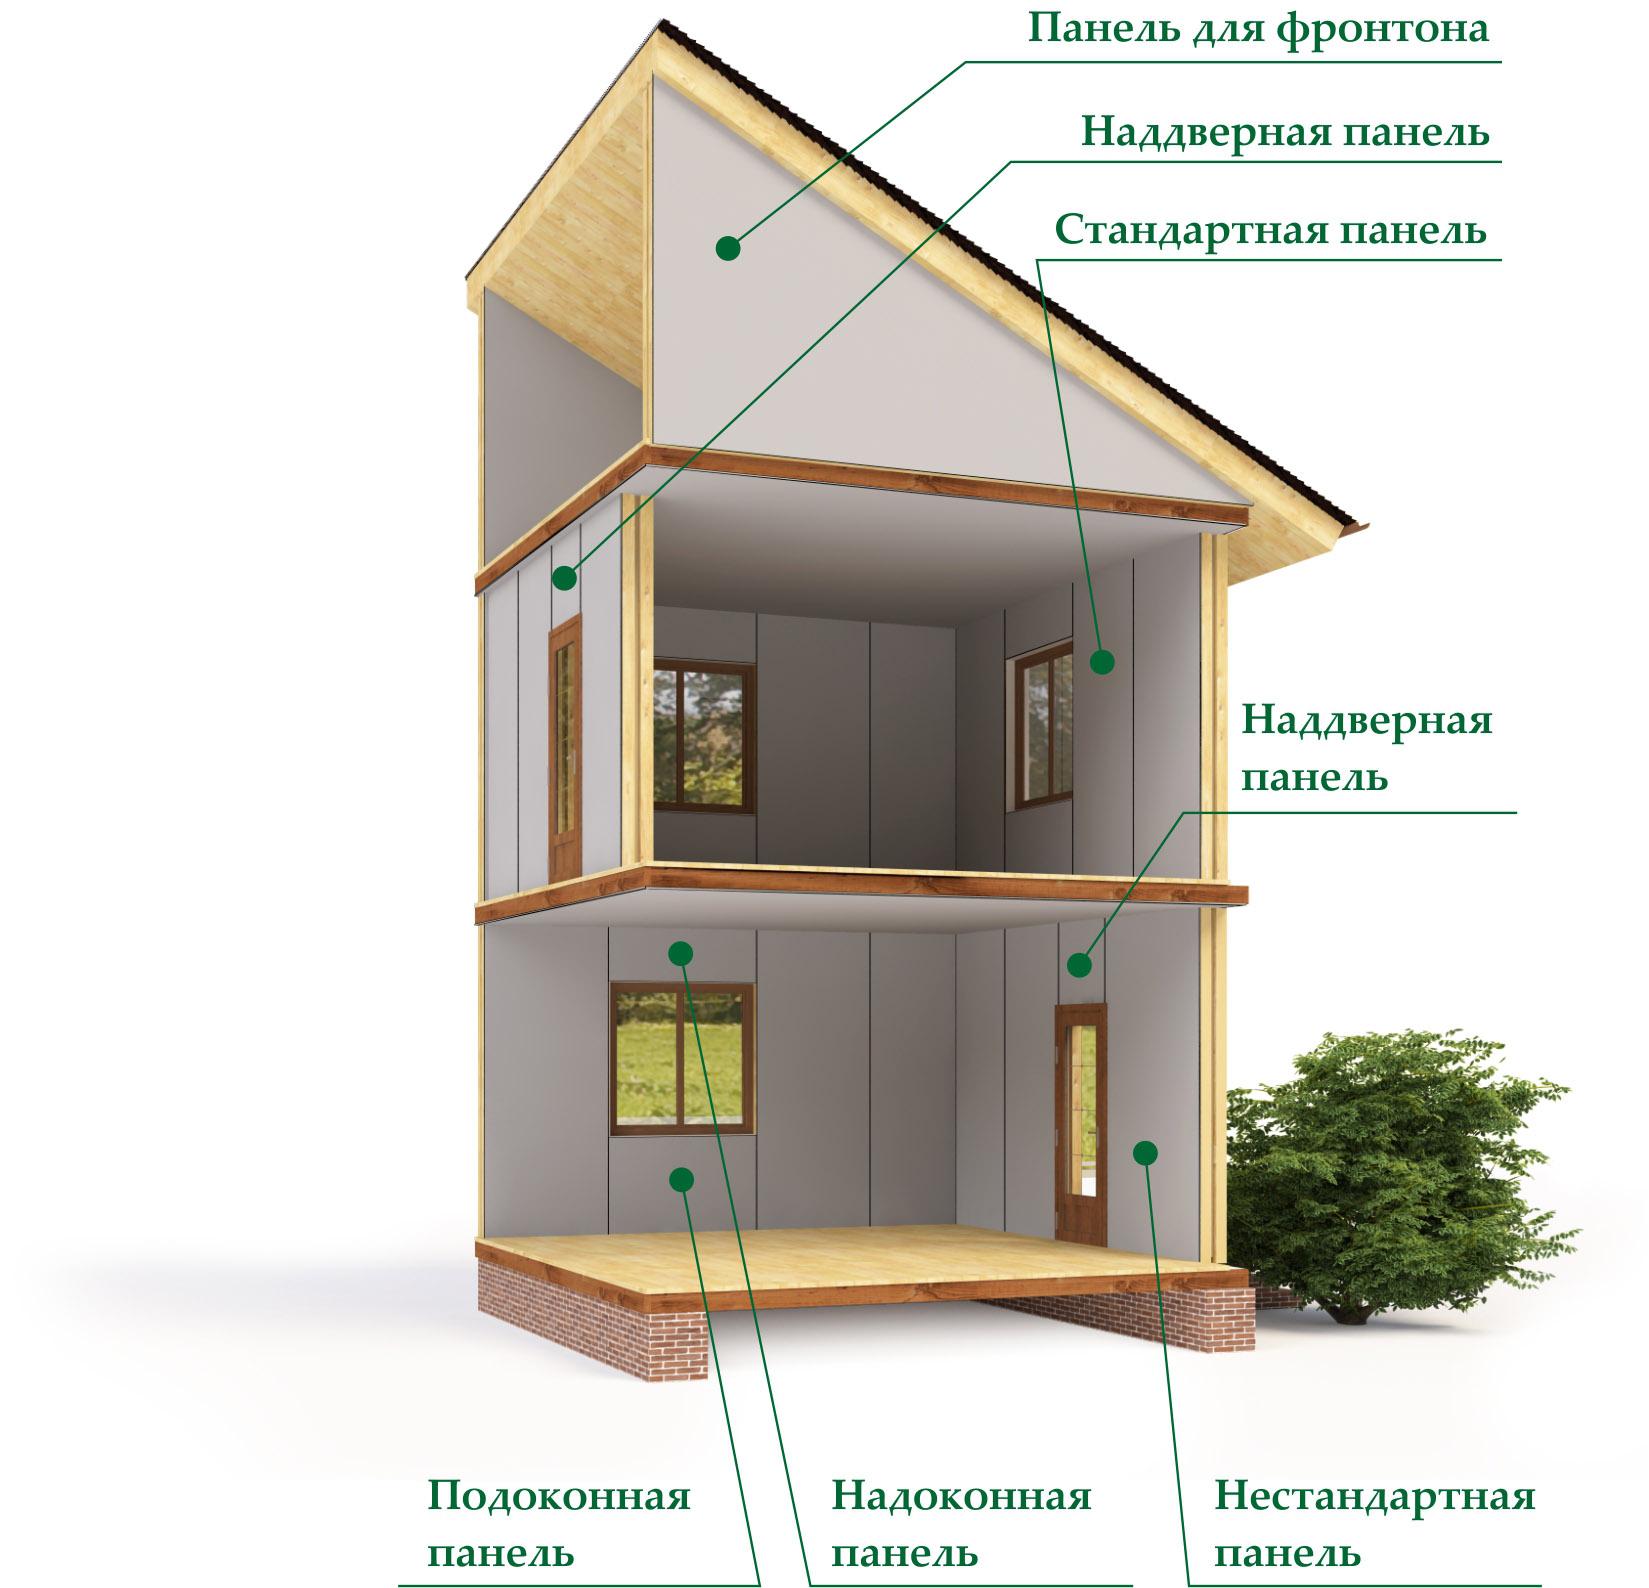 Схема применения панелей ТЕРМО-СП и ТЕРМО-КАМ